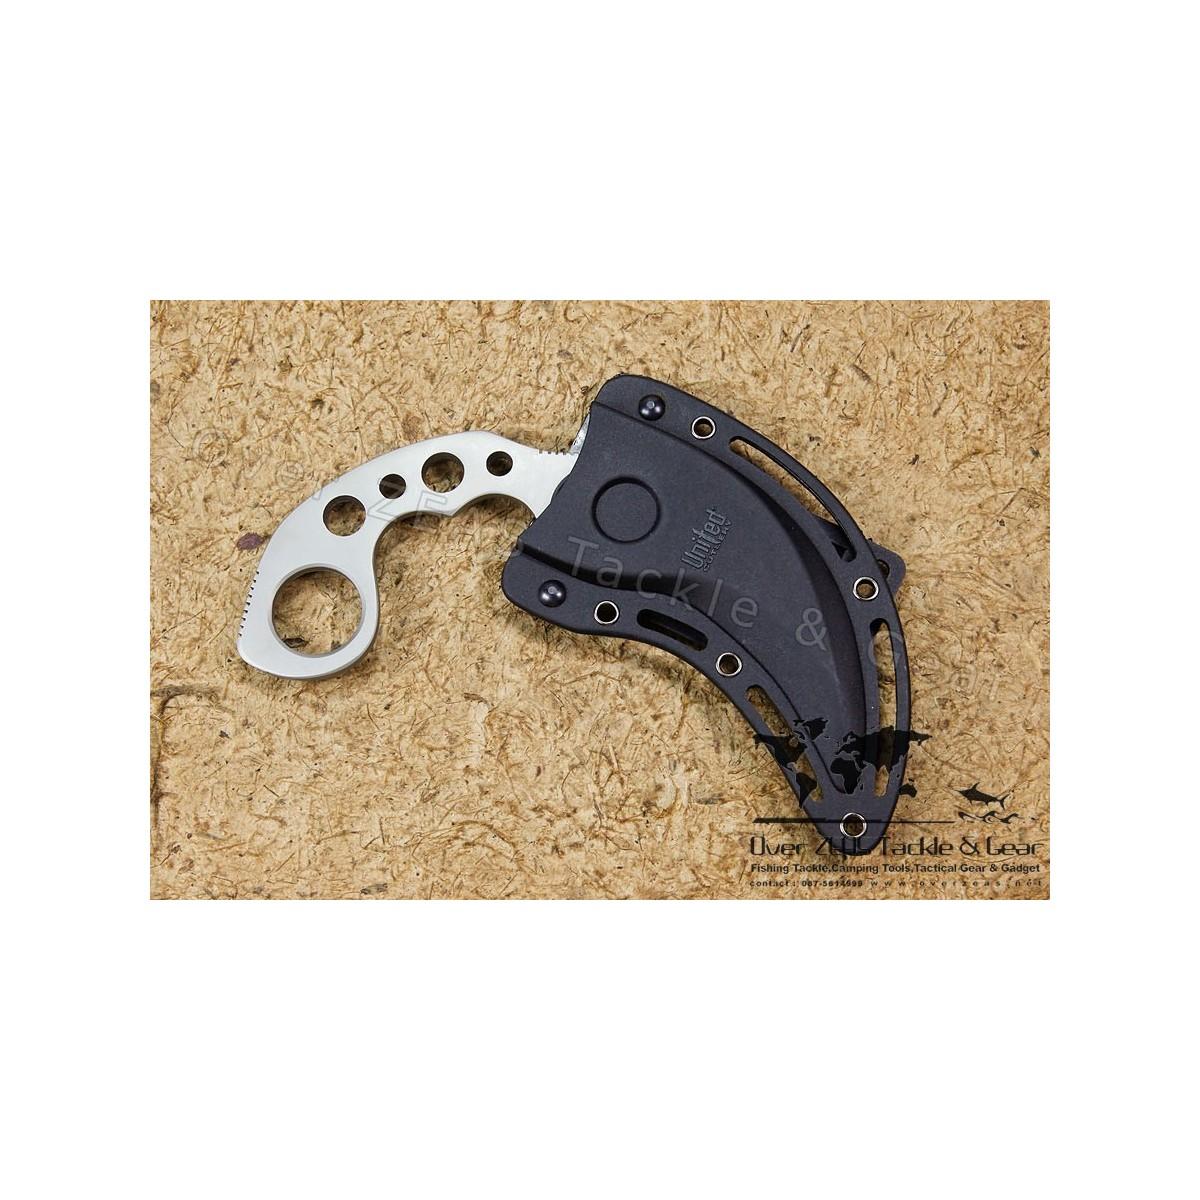 """มีดคารัมบิท United Cutlery Undercover Karambit 3-5/16"""" Fixed Blade"""